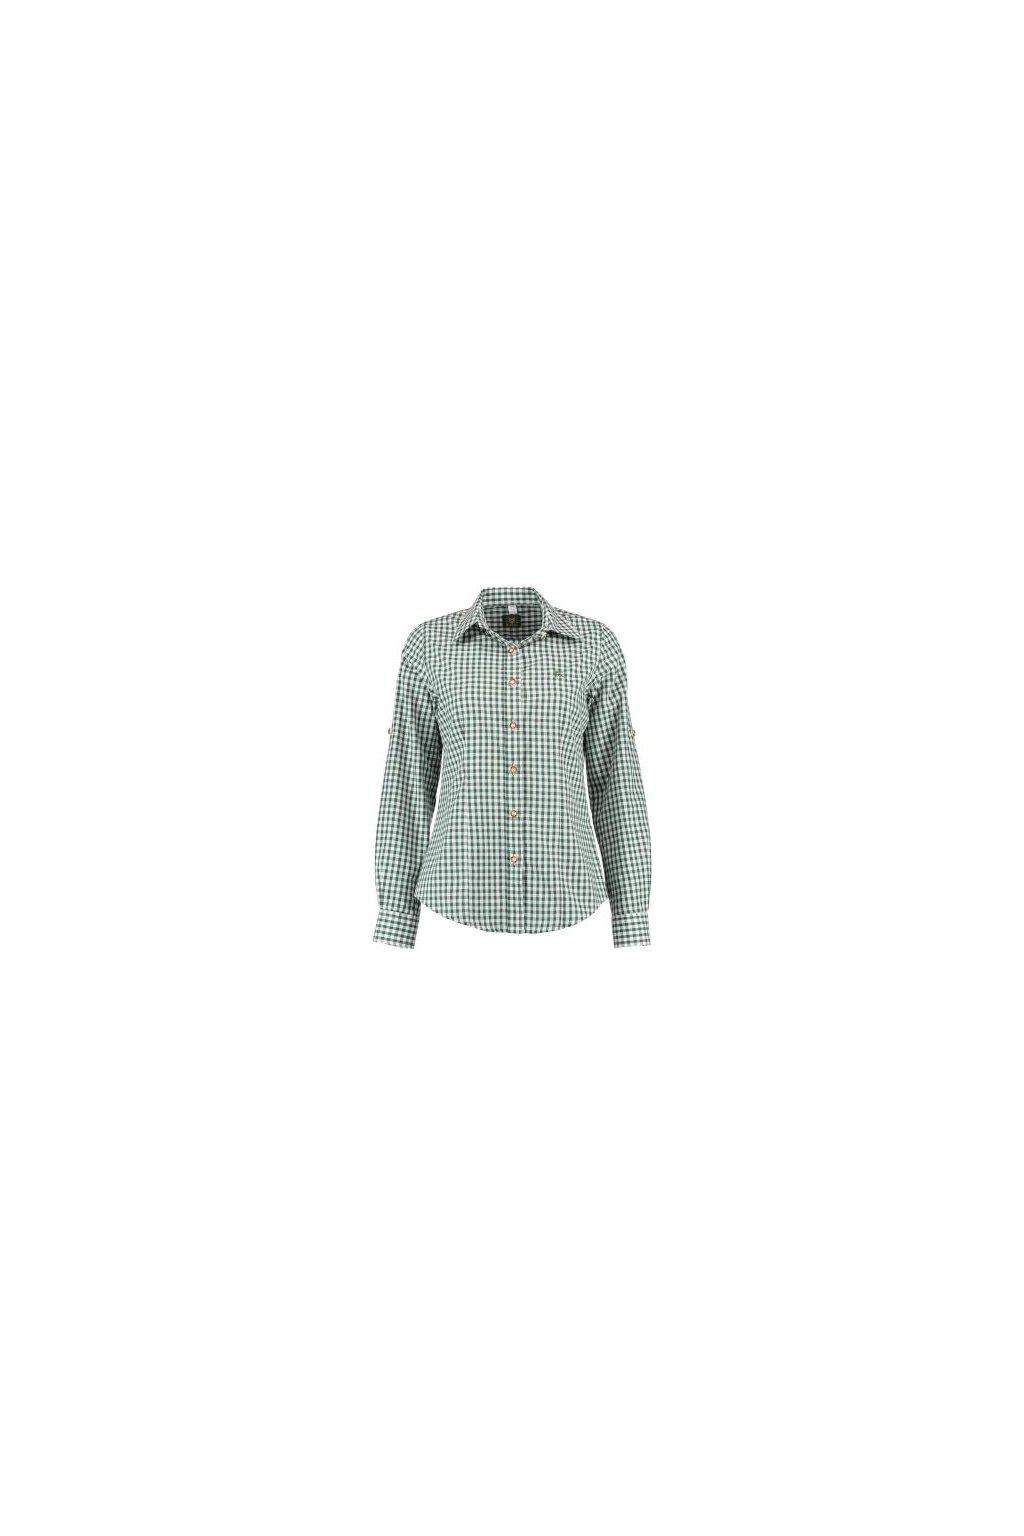 ORBIS - košile dámská zelená zkr. rukáv (2602)